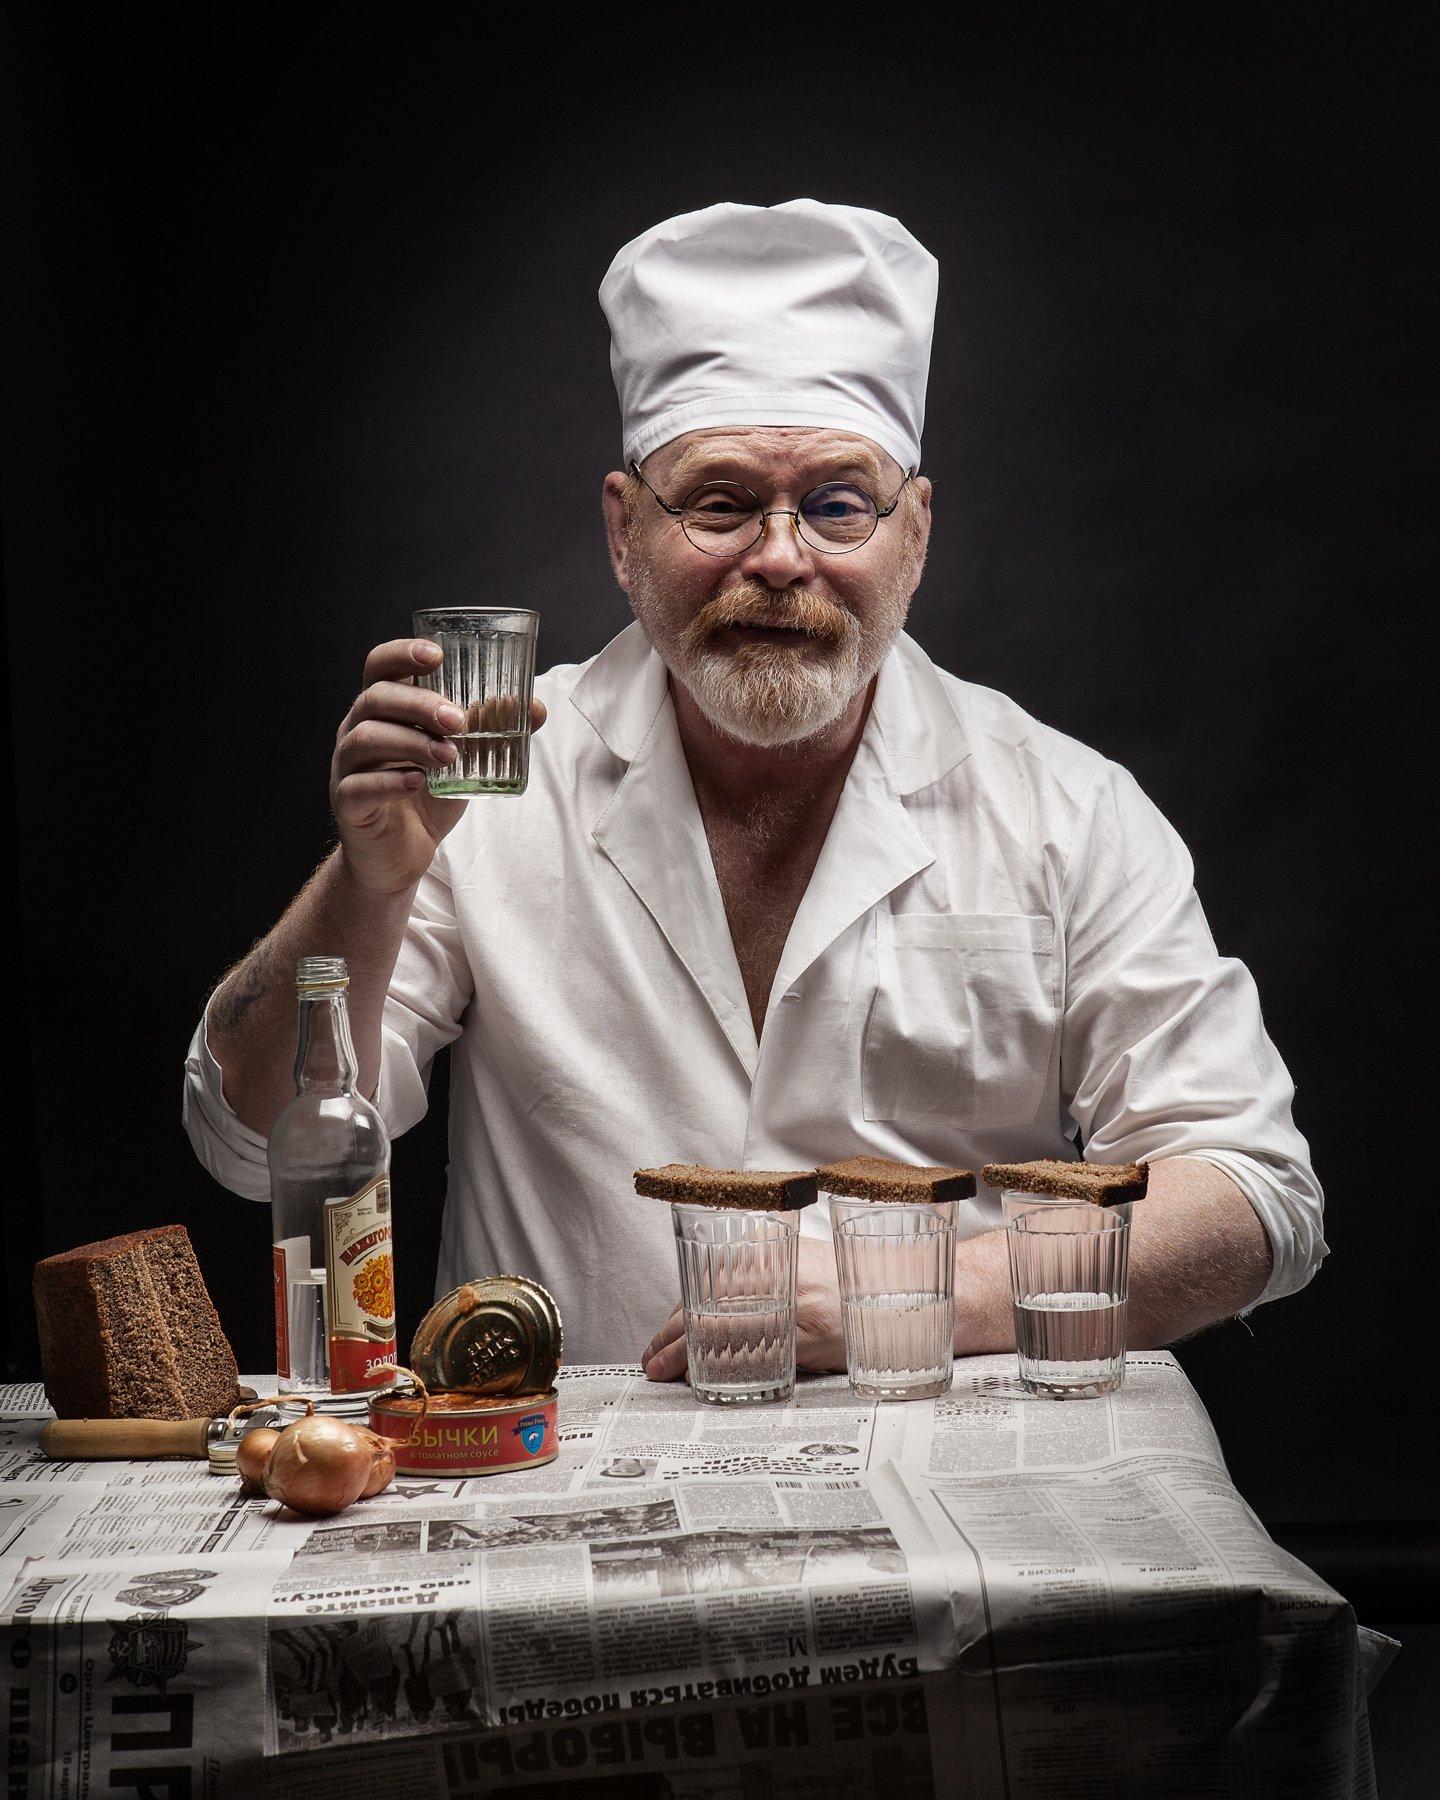 врач водка айболит белый халат поминки, Шипов Олег